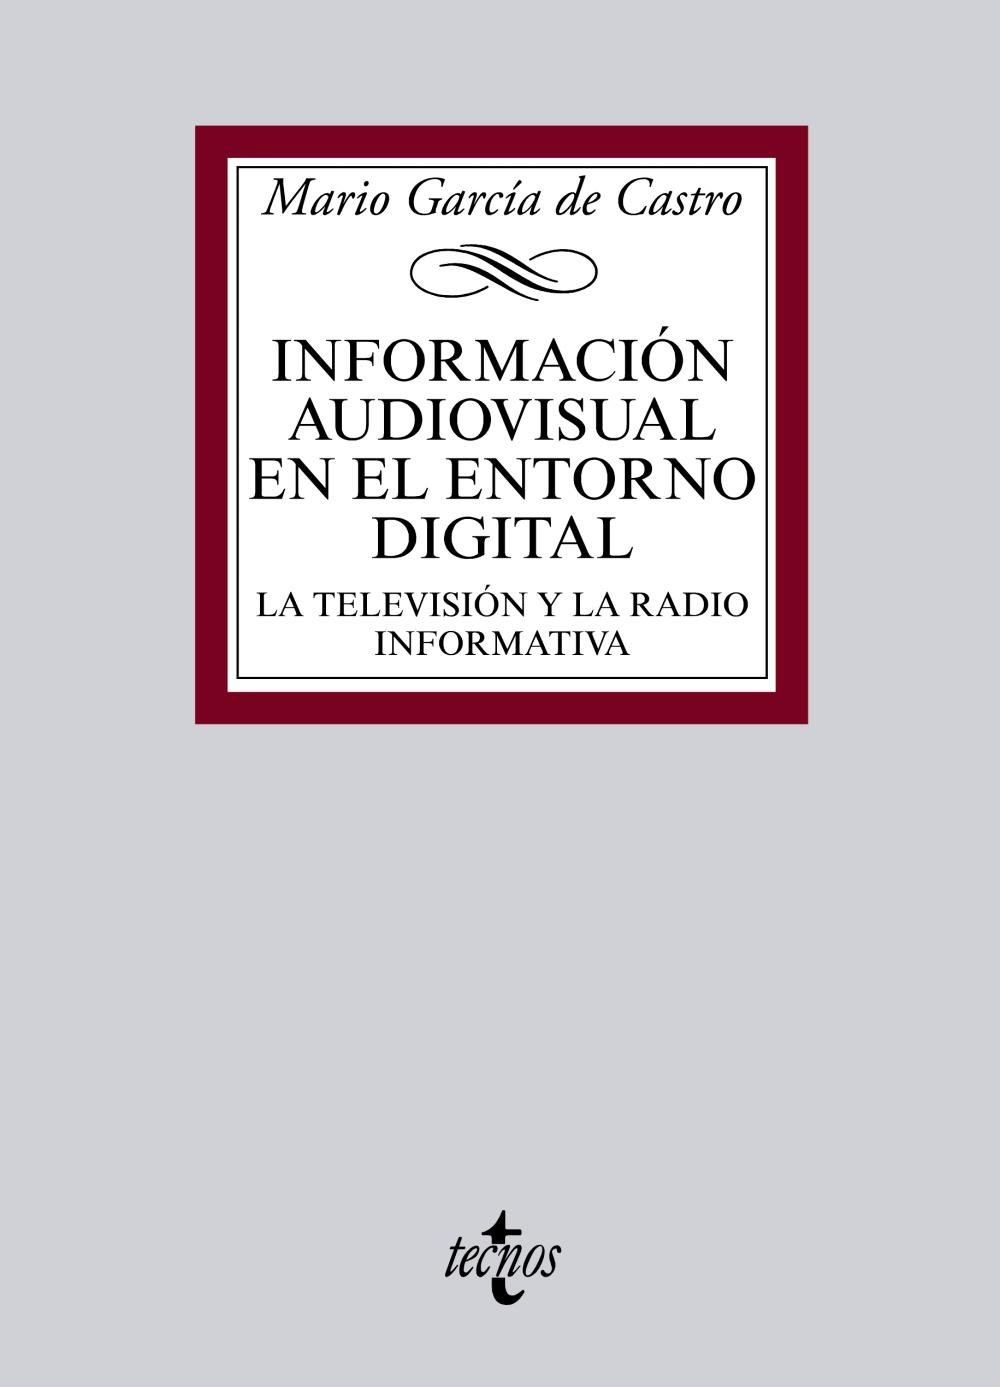 Información audiovisual en el entorno digital